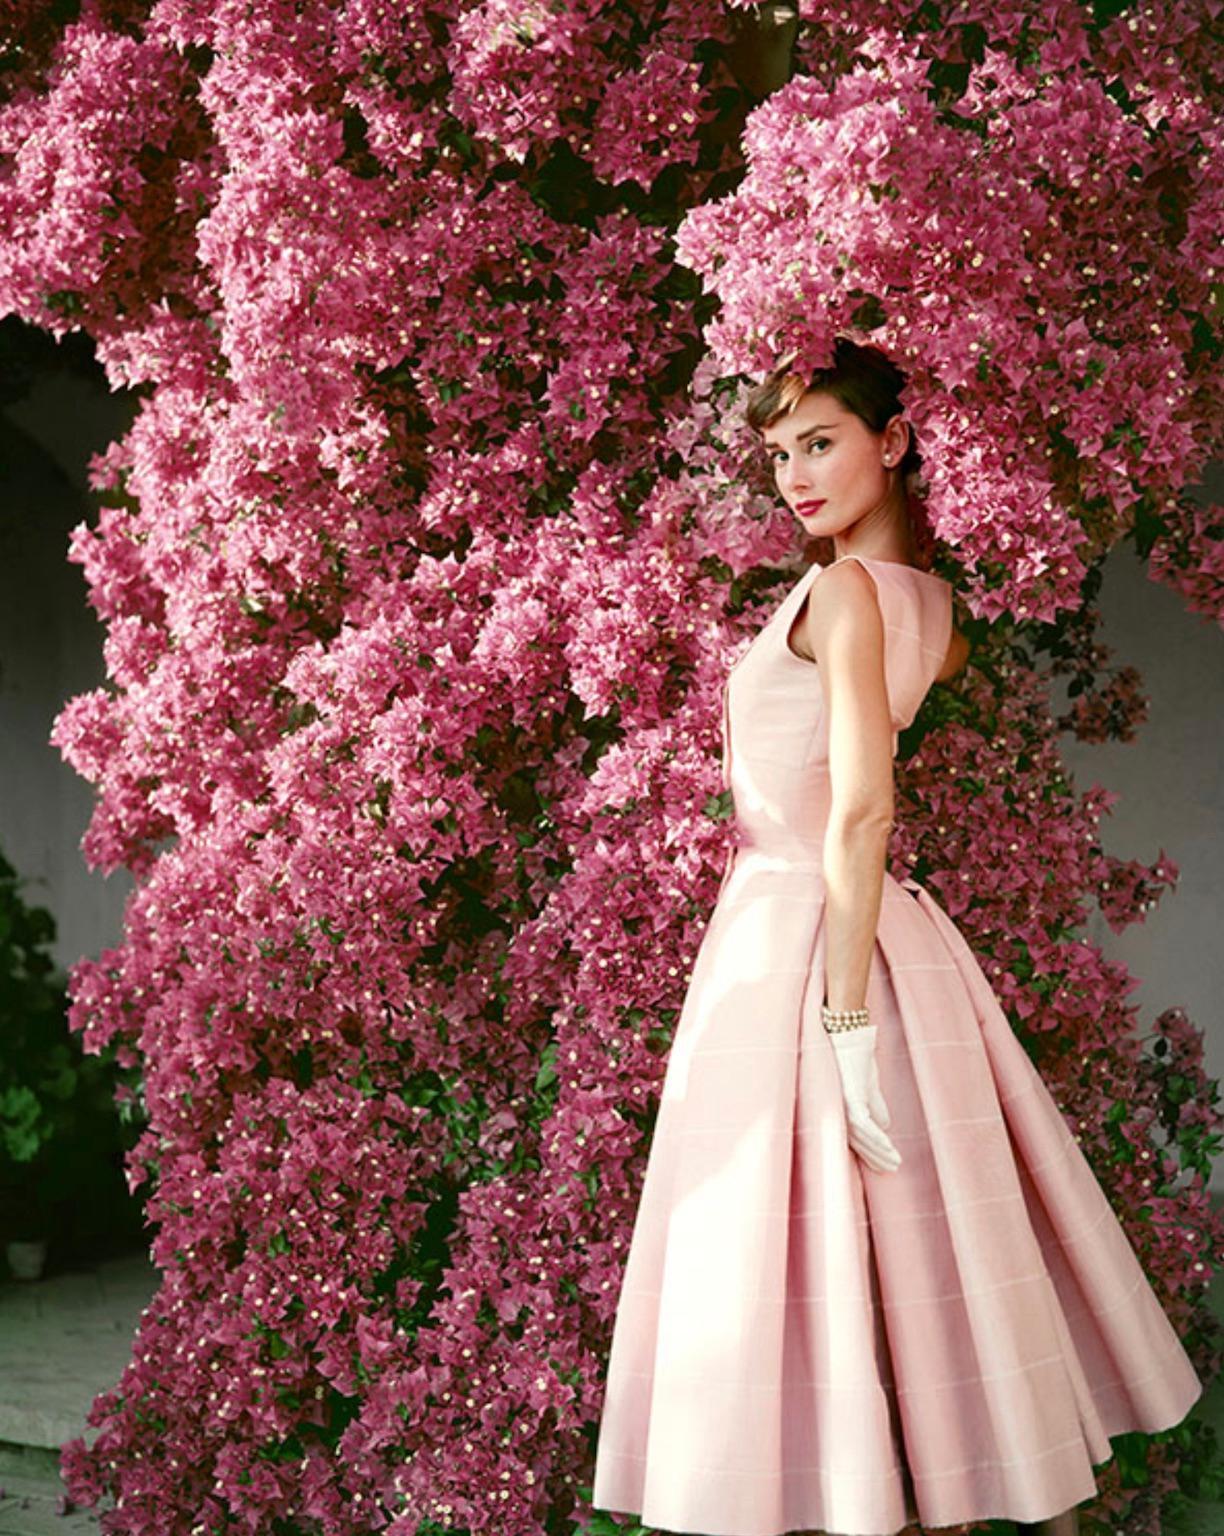 Audrey Hepburn II, Italy, 1955